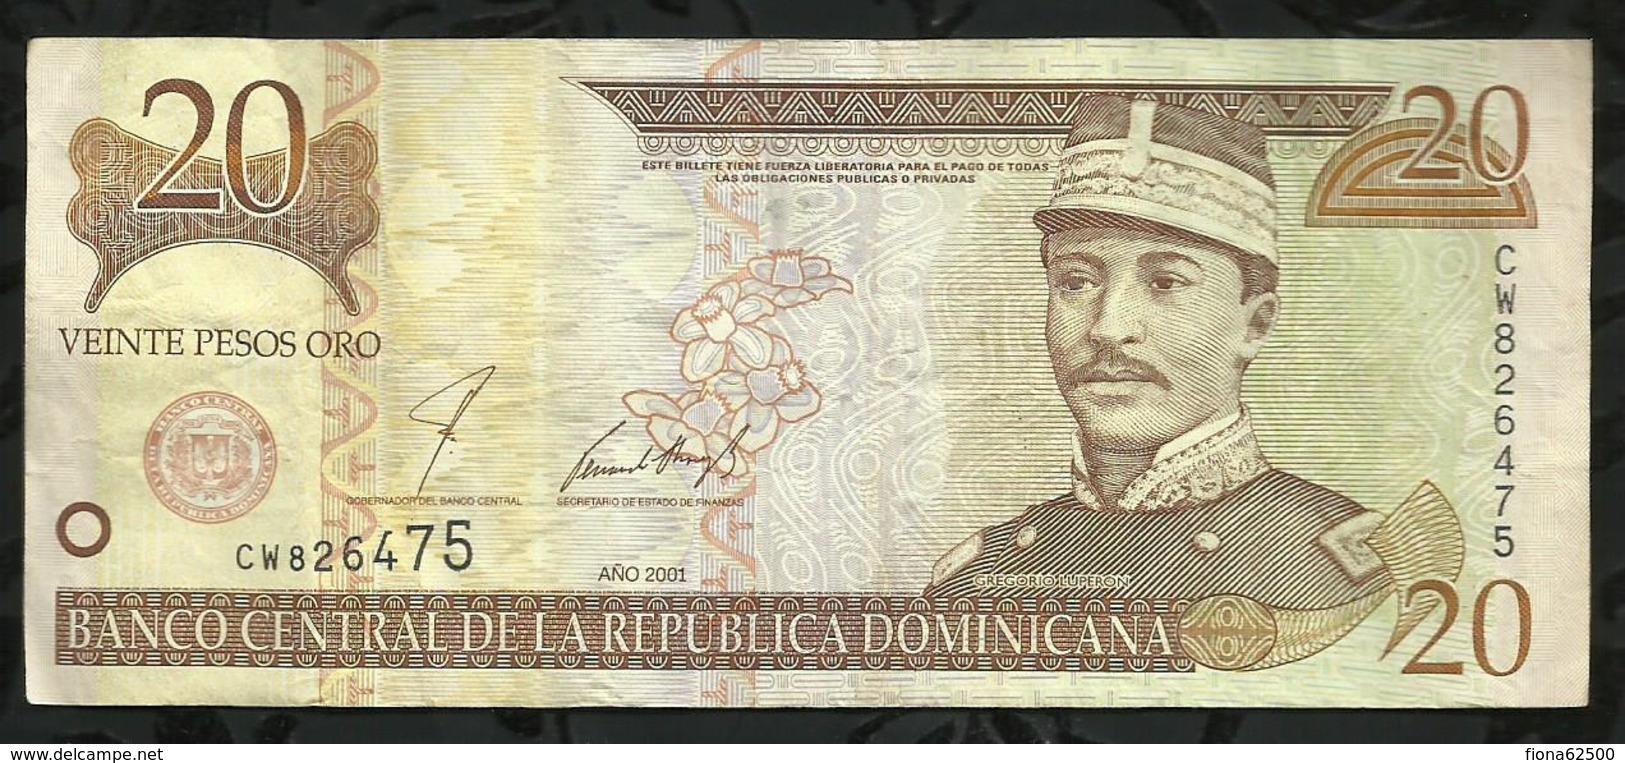 REPUBLIQUE DOMONICAINE . 20 PESO ORO . - Dominicaine